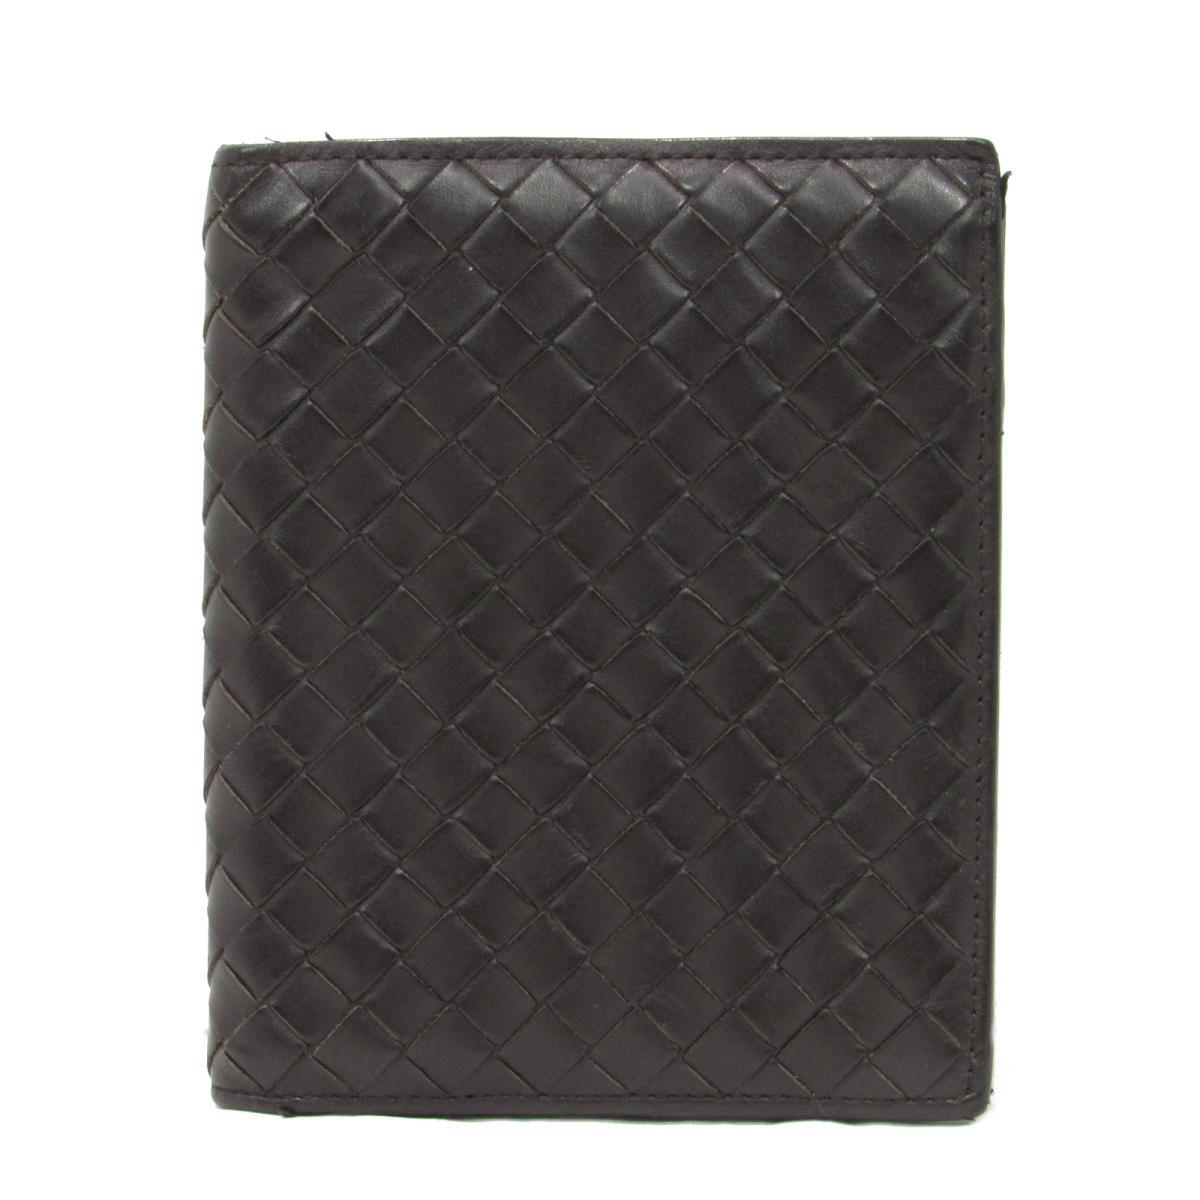 イントレチャート 二つ折財布 財布